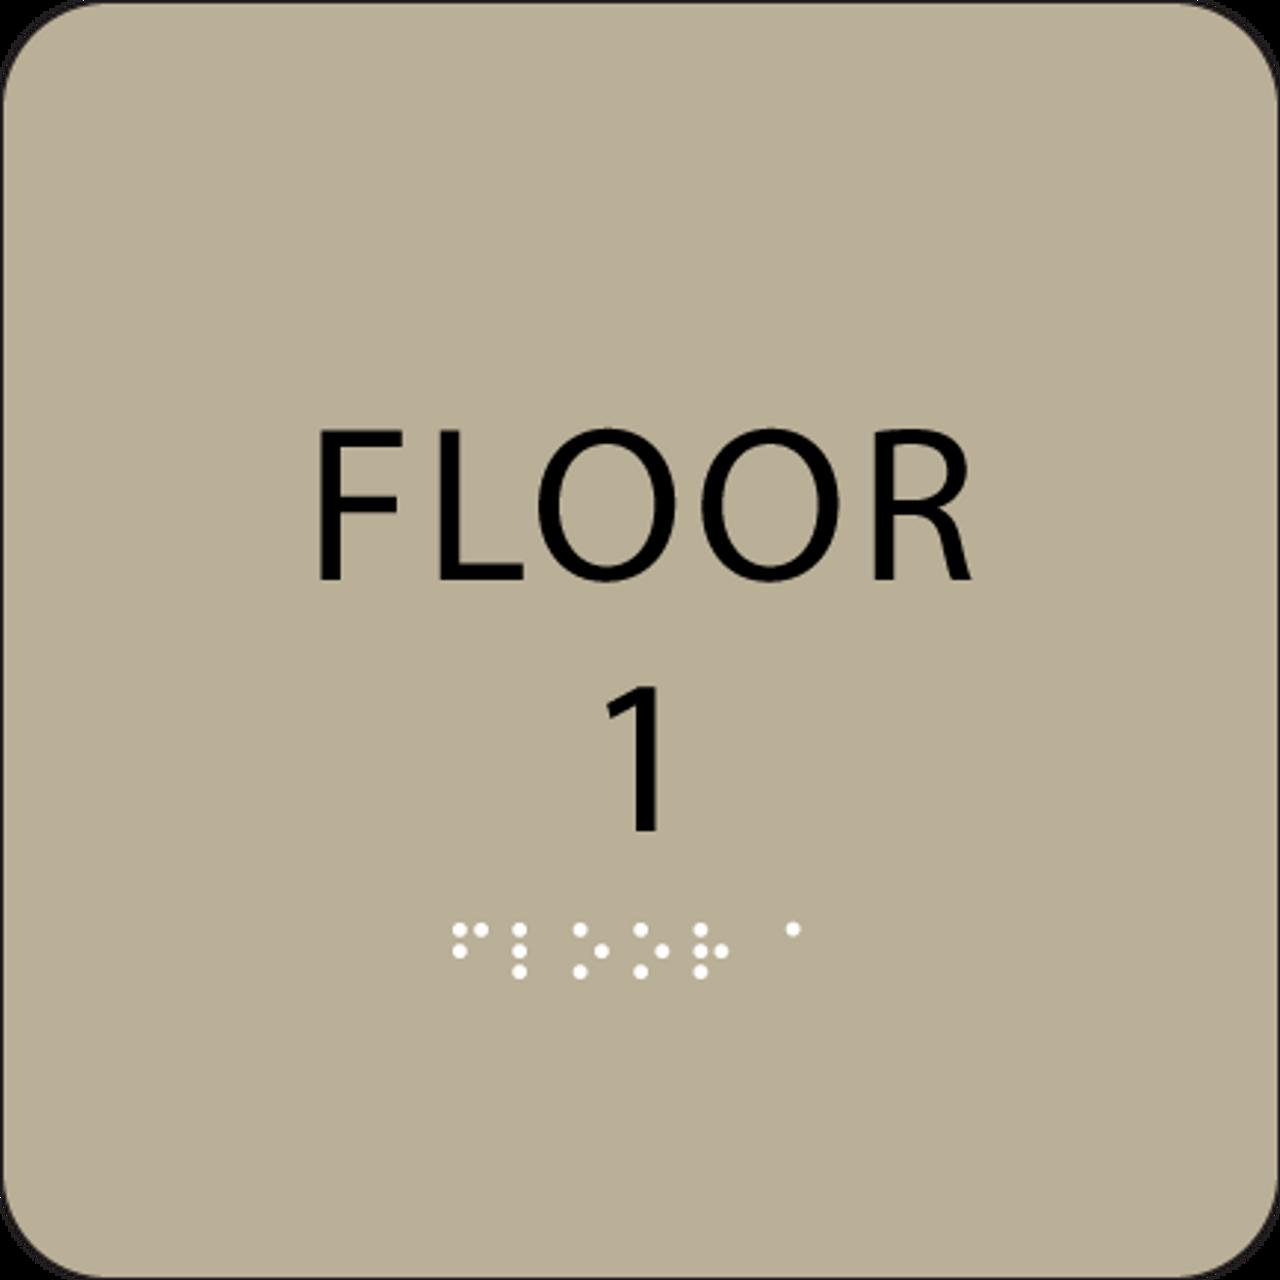 Brown Floor 1 Identification Sign